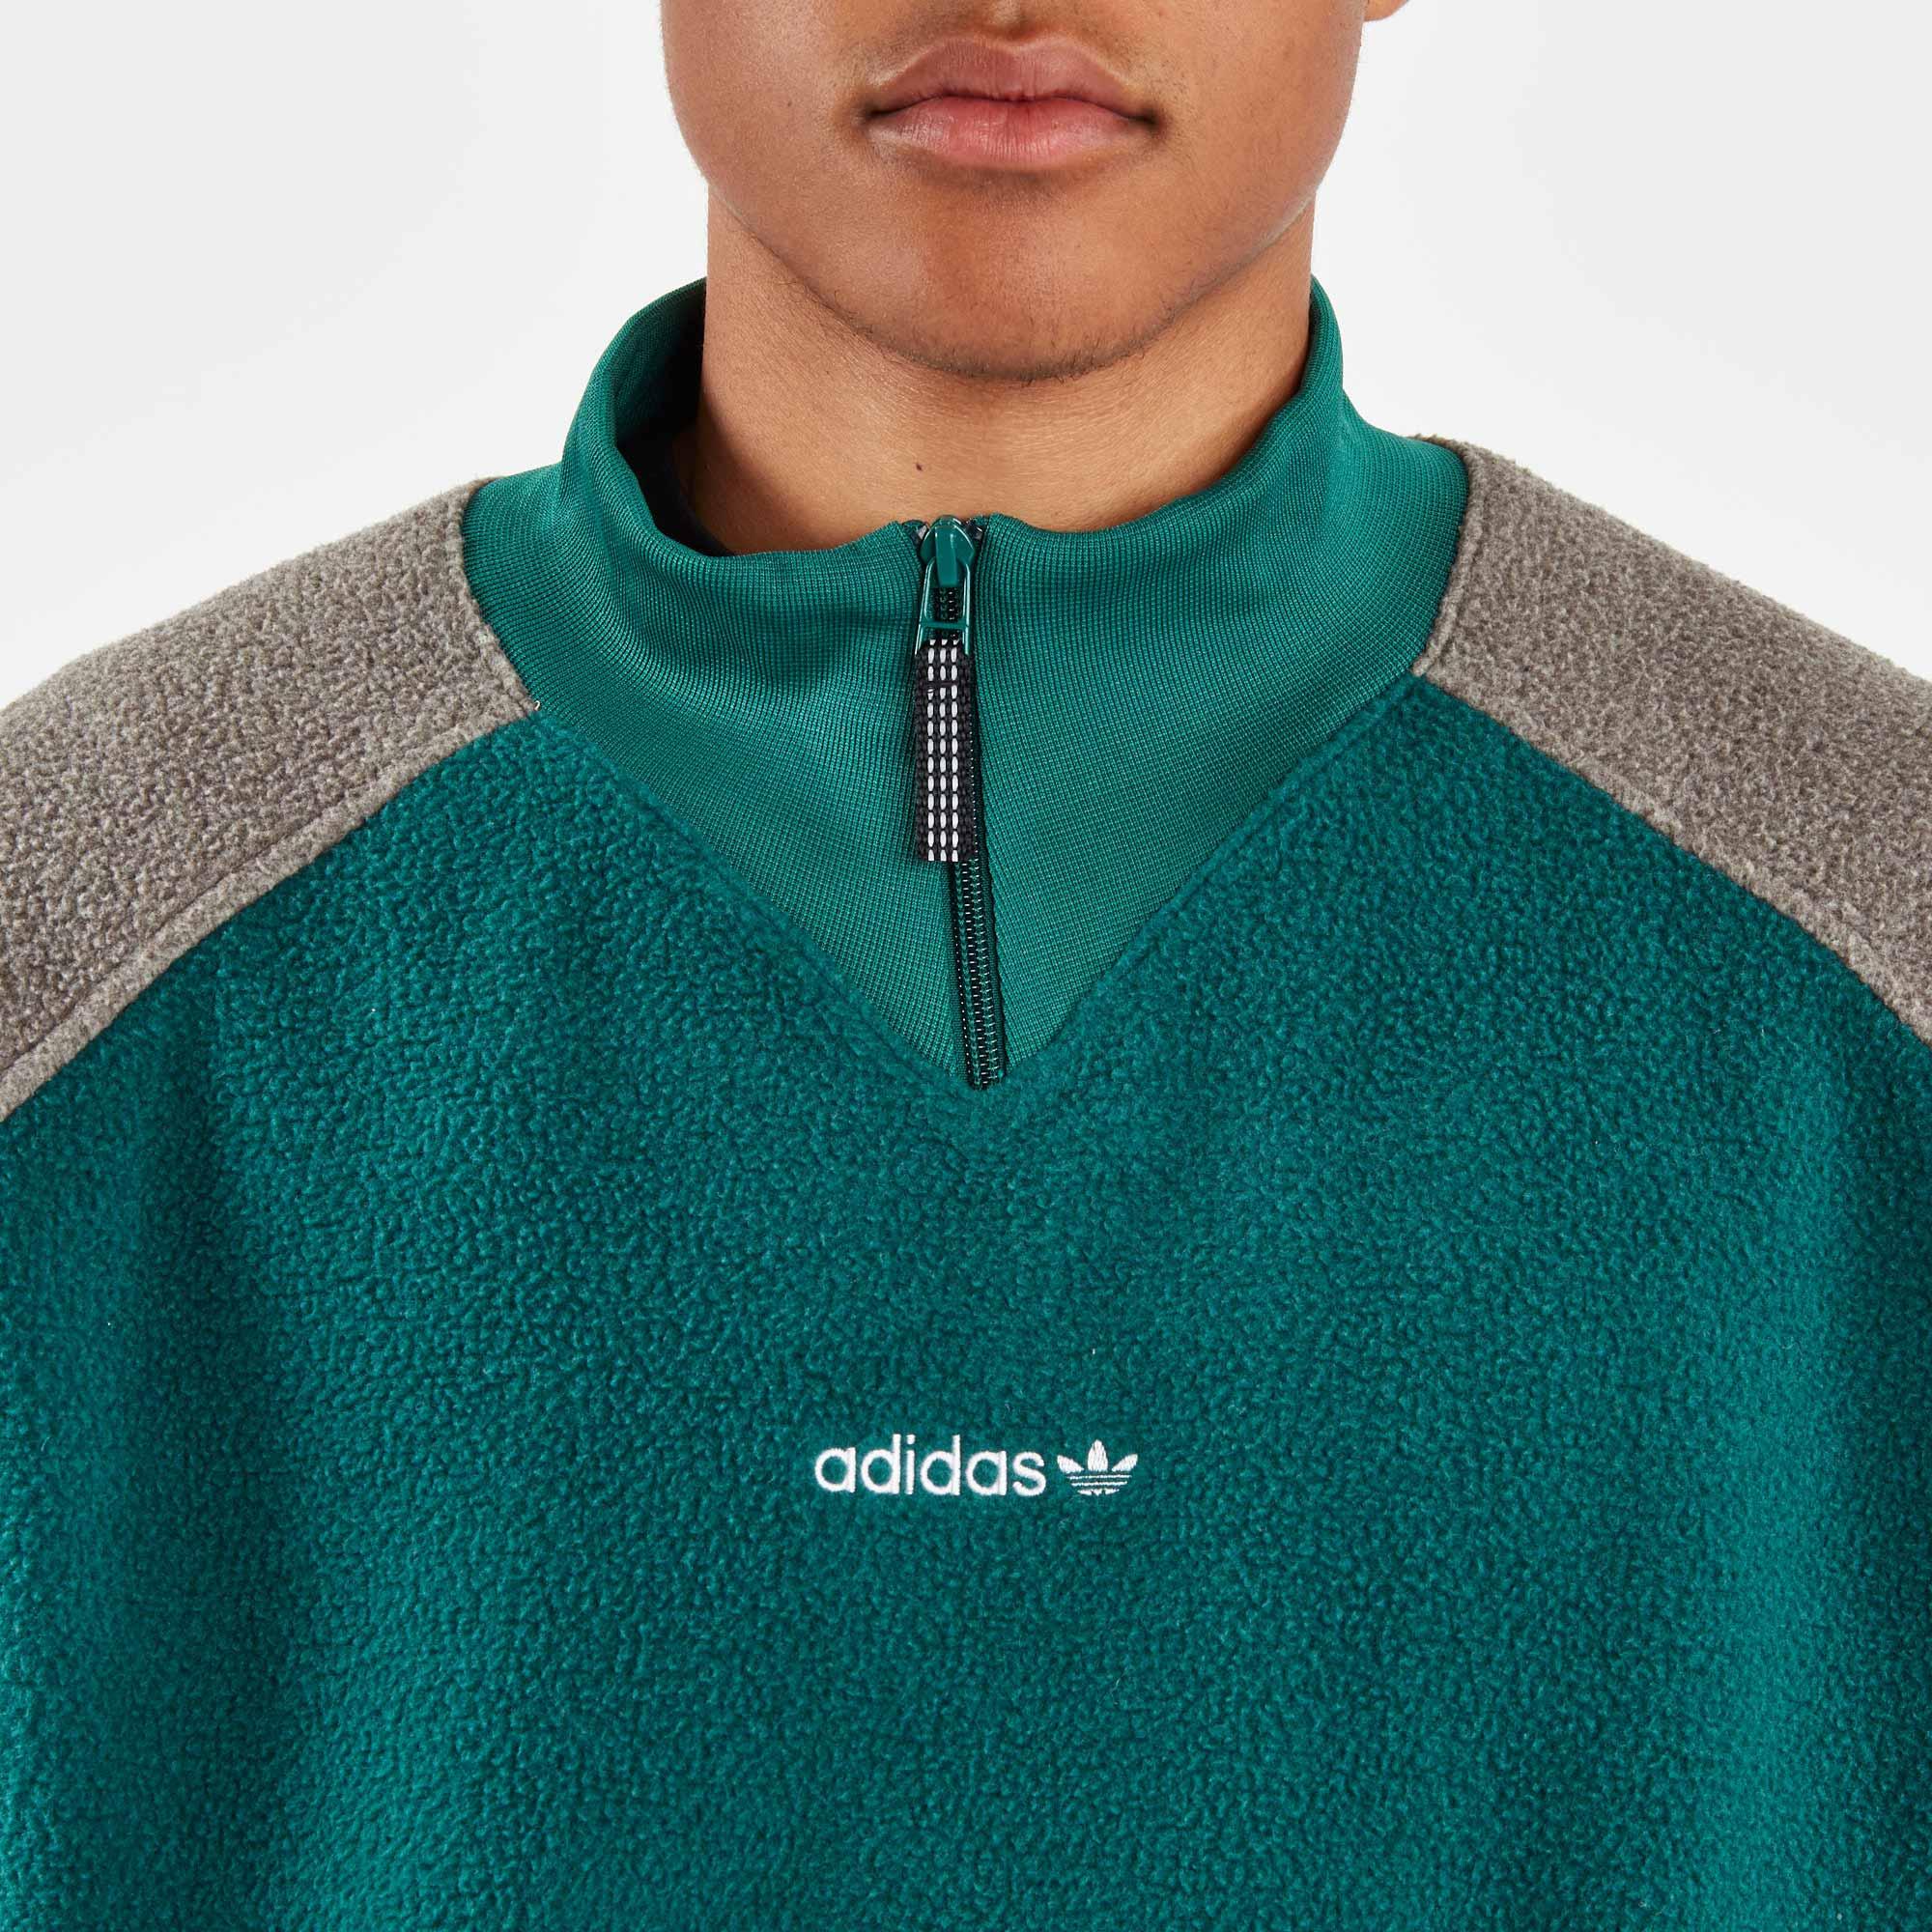 adidas fleece top